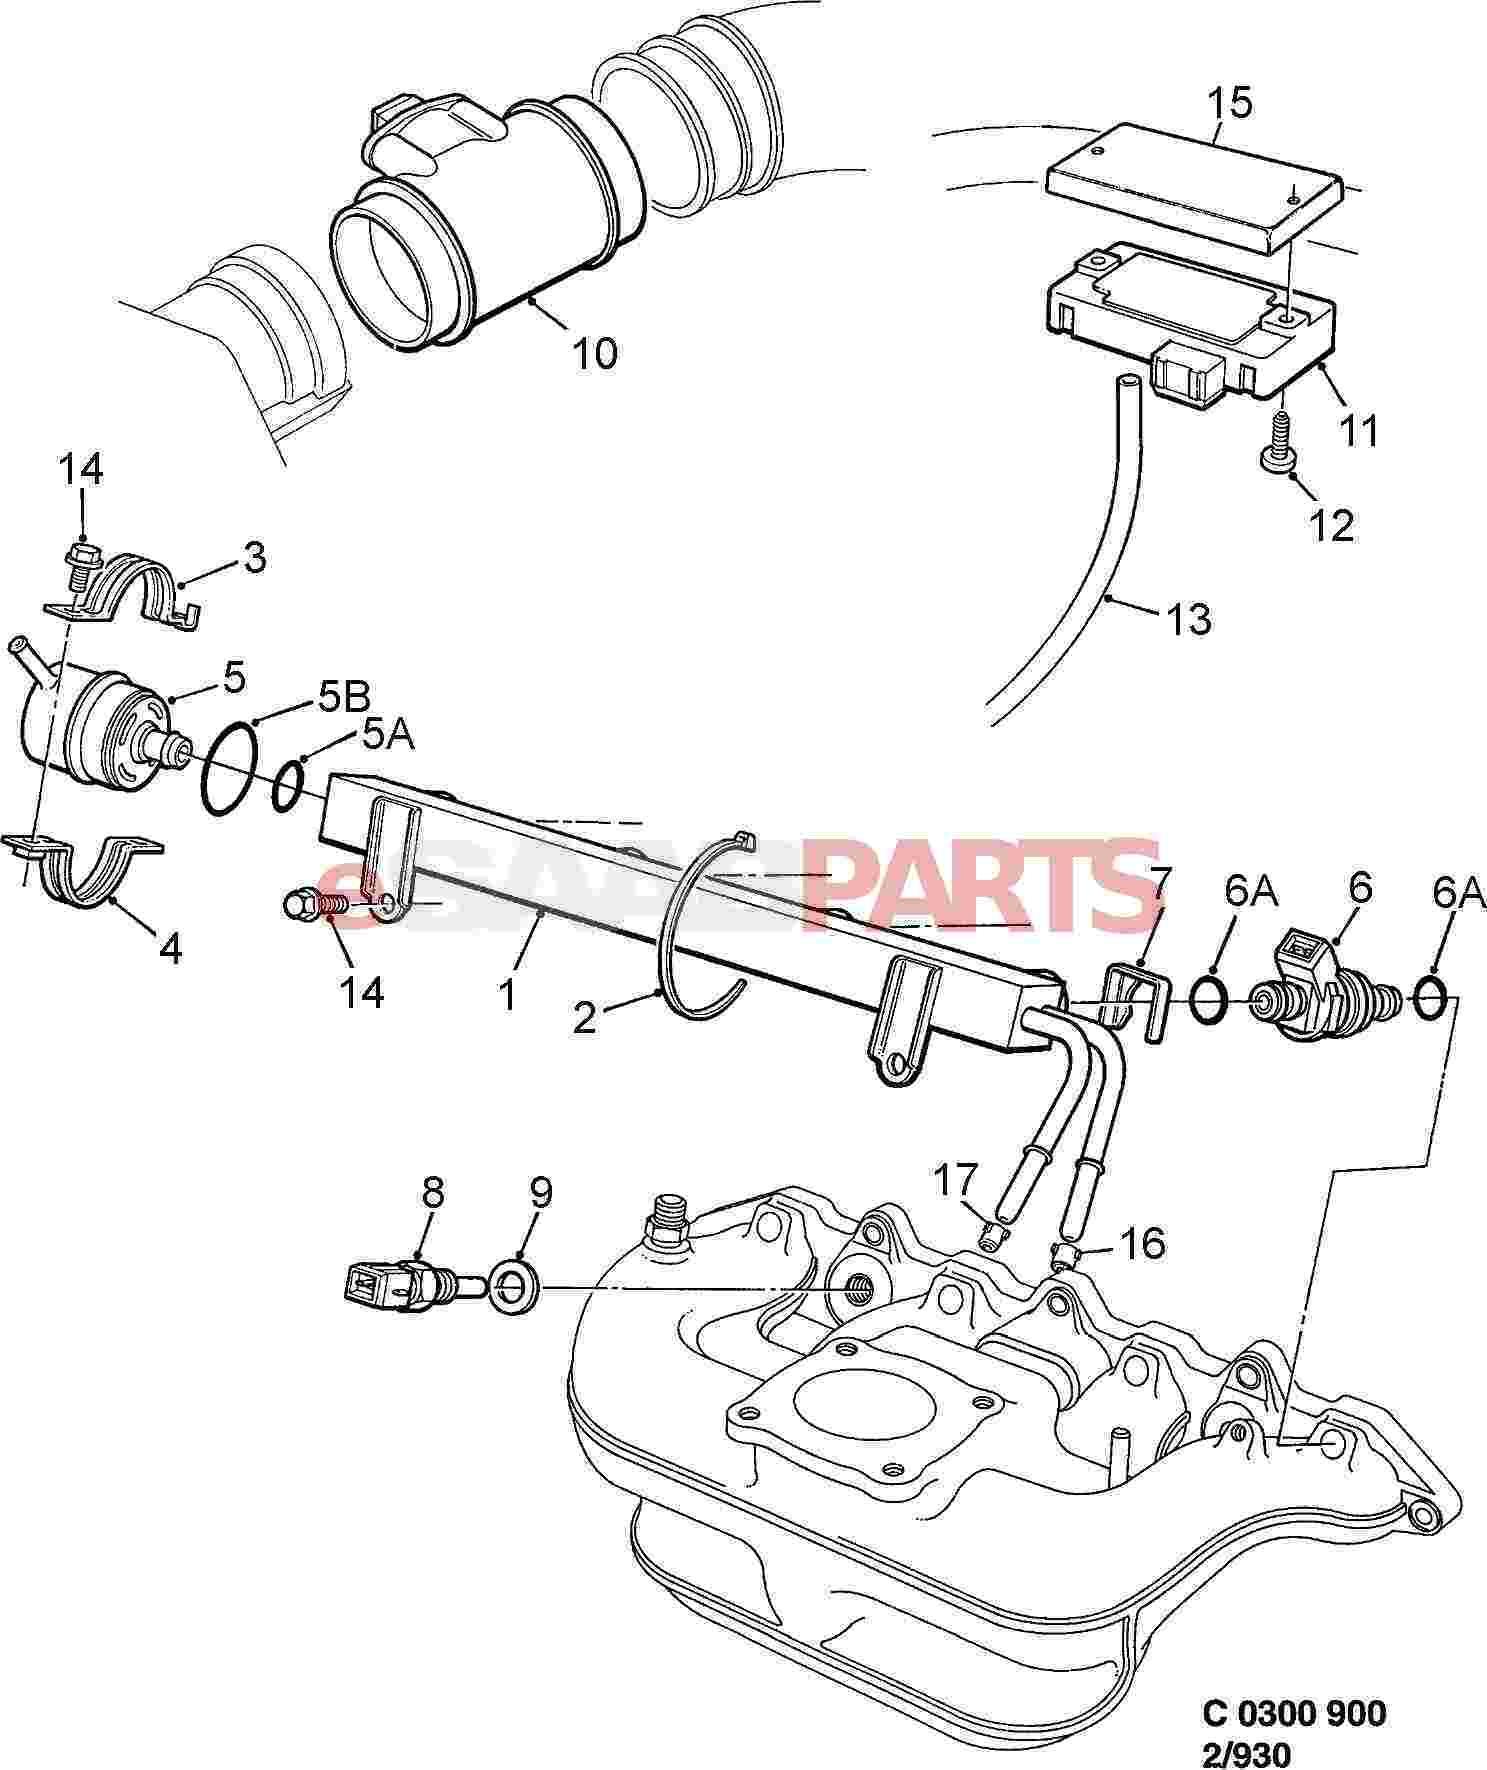 esaabparts com saab 900 u003e engine parts u003e fuel system u003e fuel rail rh esaabparts com saab 900 fuel system diagram 1988 F150 Fuel Rail Diagram